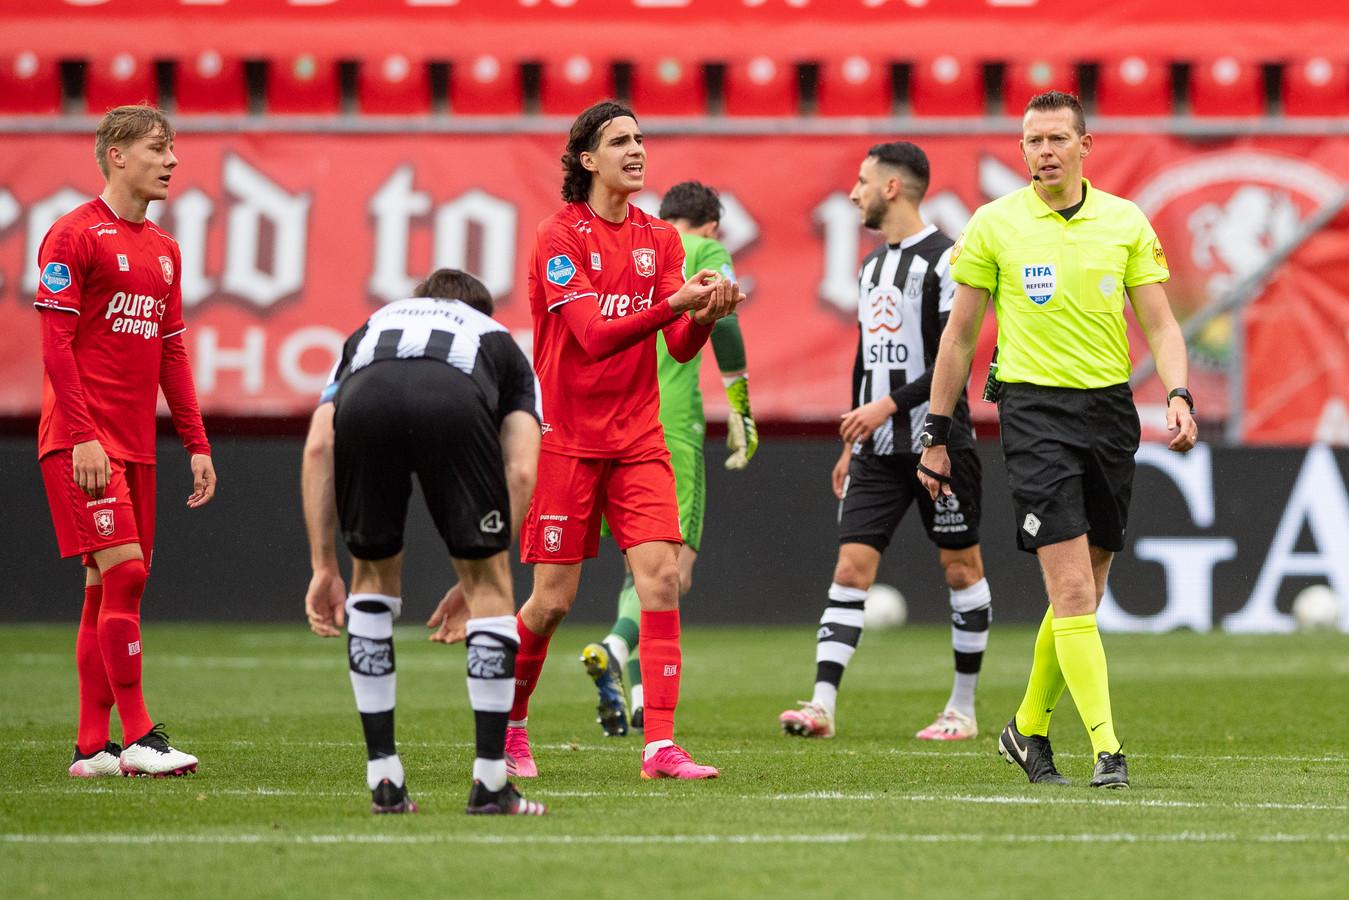 Tot verbazing van de FC Twente-spelers Ramiz Zerrouki en Jesse Bosch draait scheidsrechter Allard Lindhout de strafschop terug.